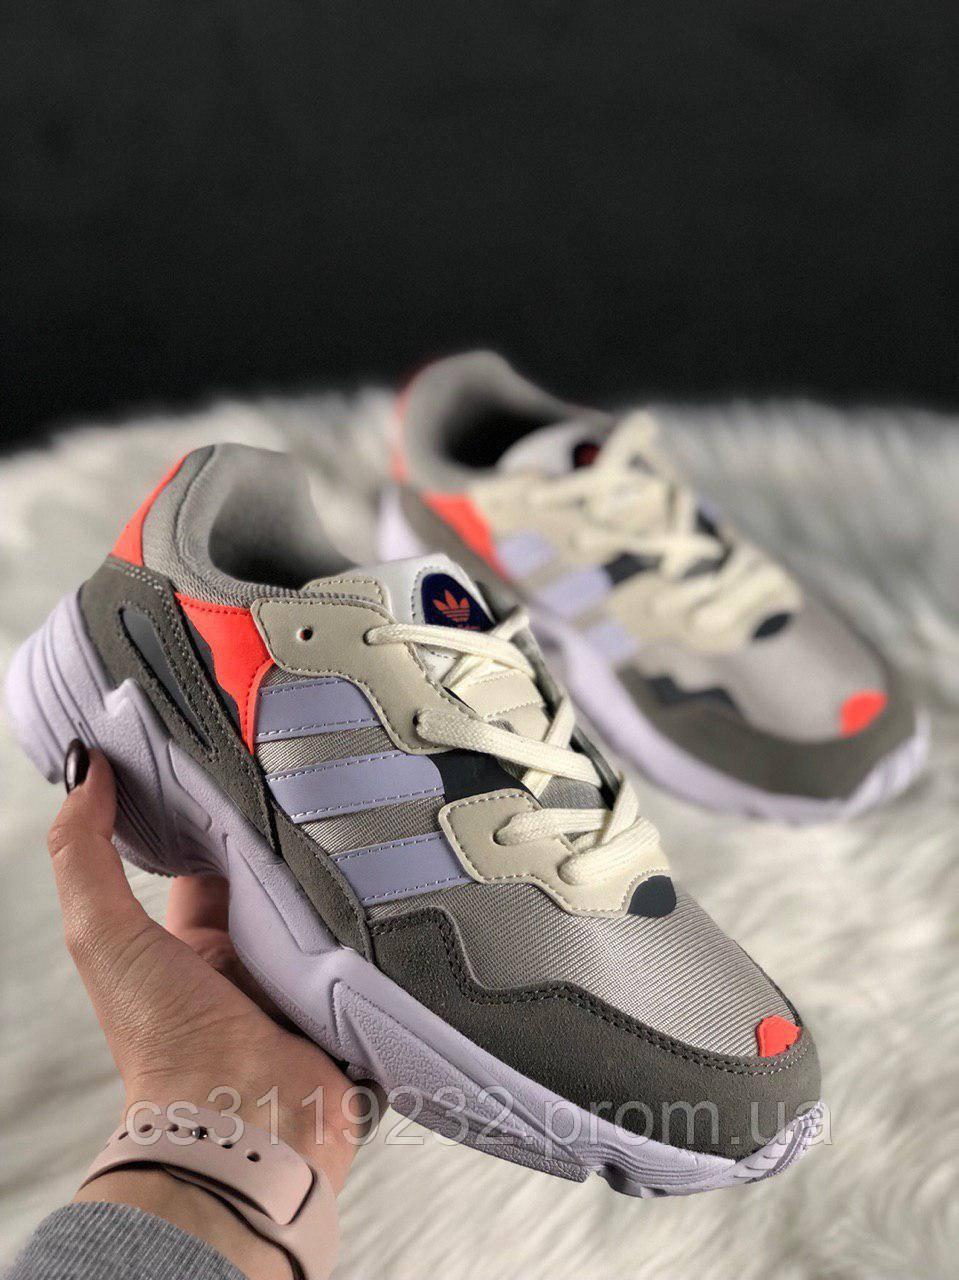 Чоловічі кросівки Adidas Yung 96 White Grey Orange (білий/сірий/помаранчевий)